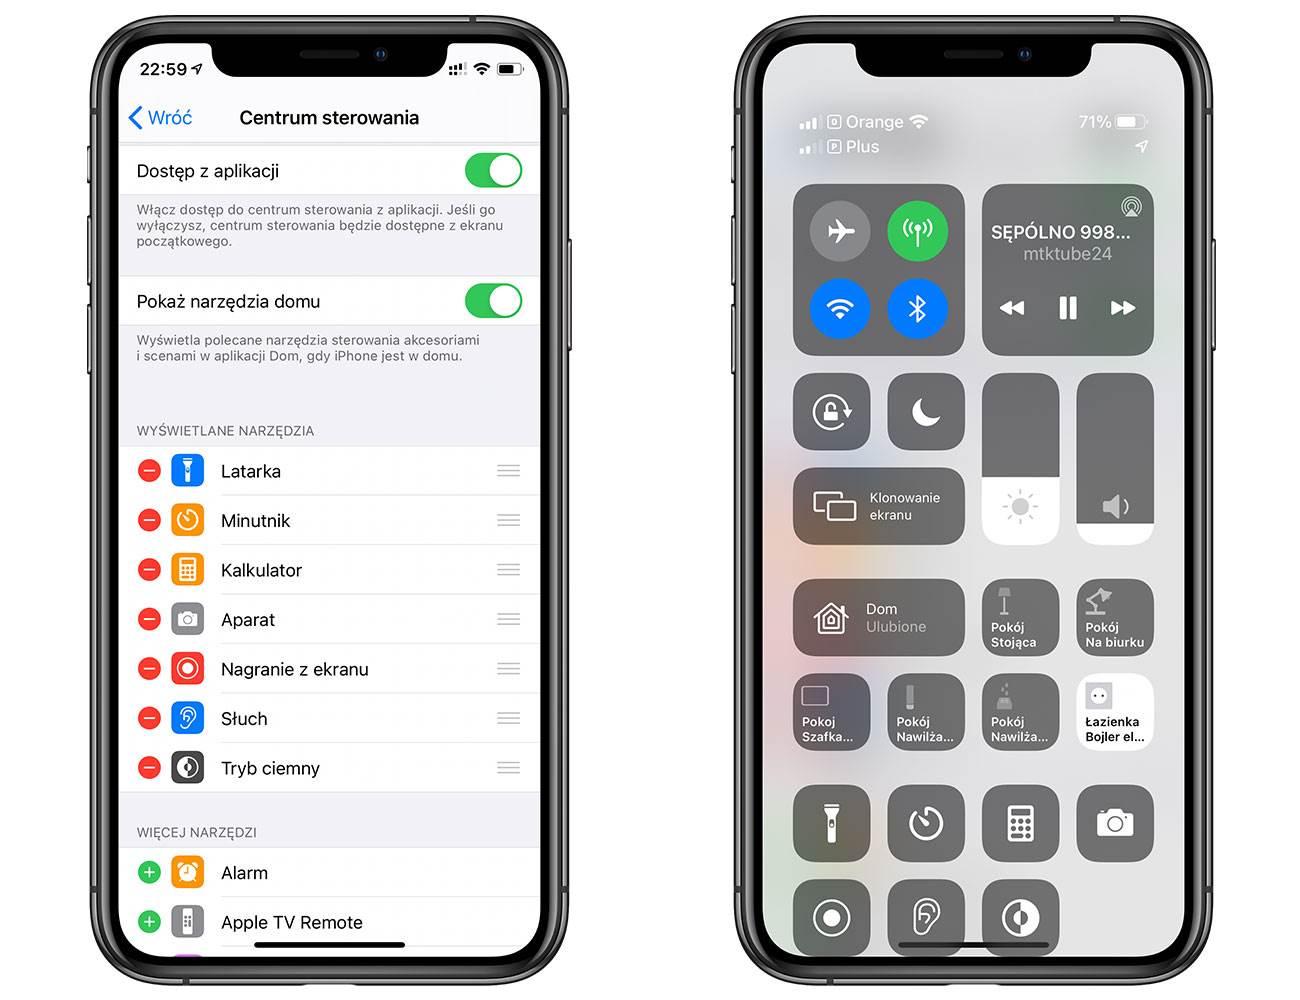 iOS 14 - polskie screeny polecane, ciekawostki zrzuty ekranu, screeny, polskie screeny z iOS 14 beta 1, polskie screeny z iOS 14, jak wygląda iOS 14 beta, jak wyglada iOS 14, iOS 14 z bliska, iOS 14 screeny, iOS 14 beta screeny, iOS, Apple  Pierwsza beta iOS 14 jest już w naszych rękach, więc przygotowaliśmy dla Was polskie screeny z najnowszej wersji iOS. iOS14beta1 2